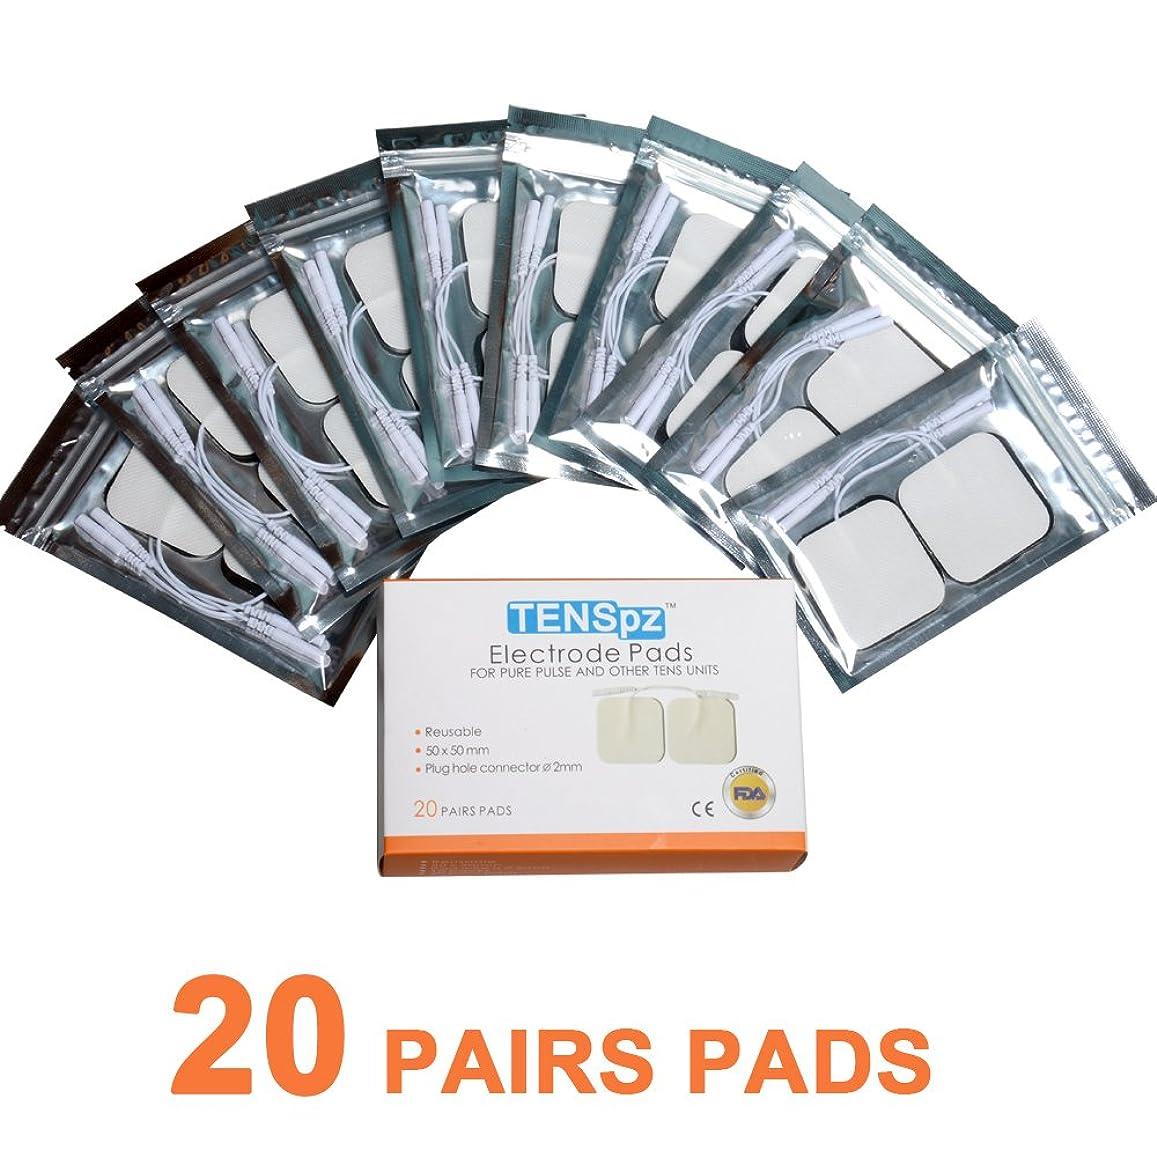 畝間ヒロイン息切れKonmed 粘着パッド 低周波用 5*5cm電極パッド ,10袋,4枚入り/袋